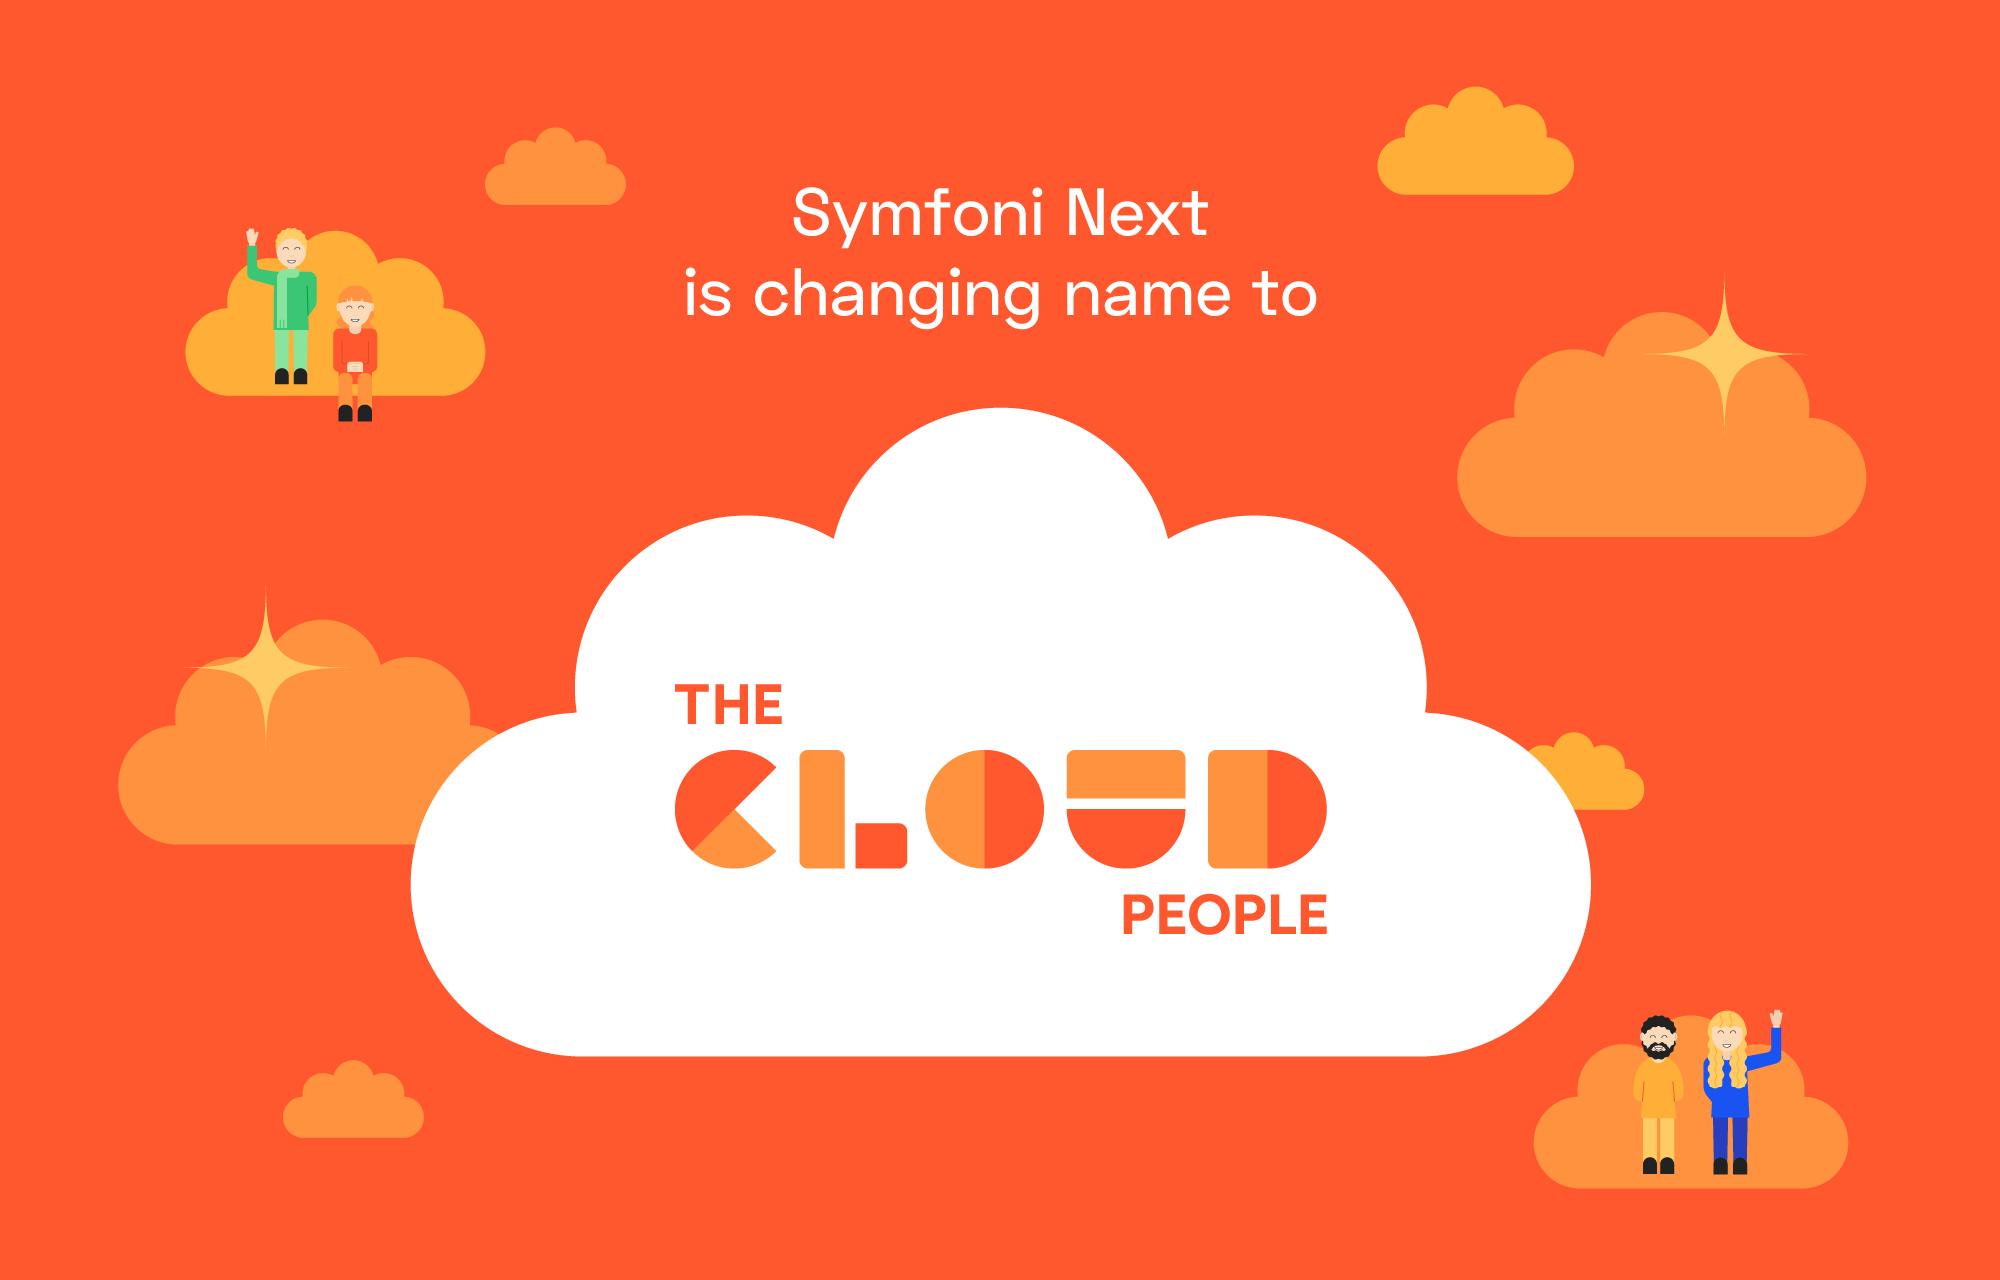 Symfoni Next endrer navn til The Cloud People